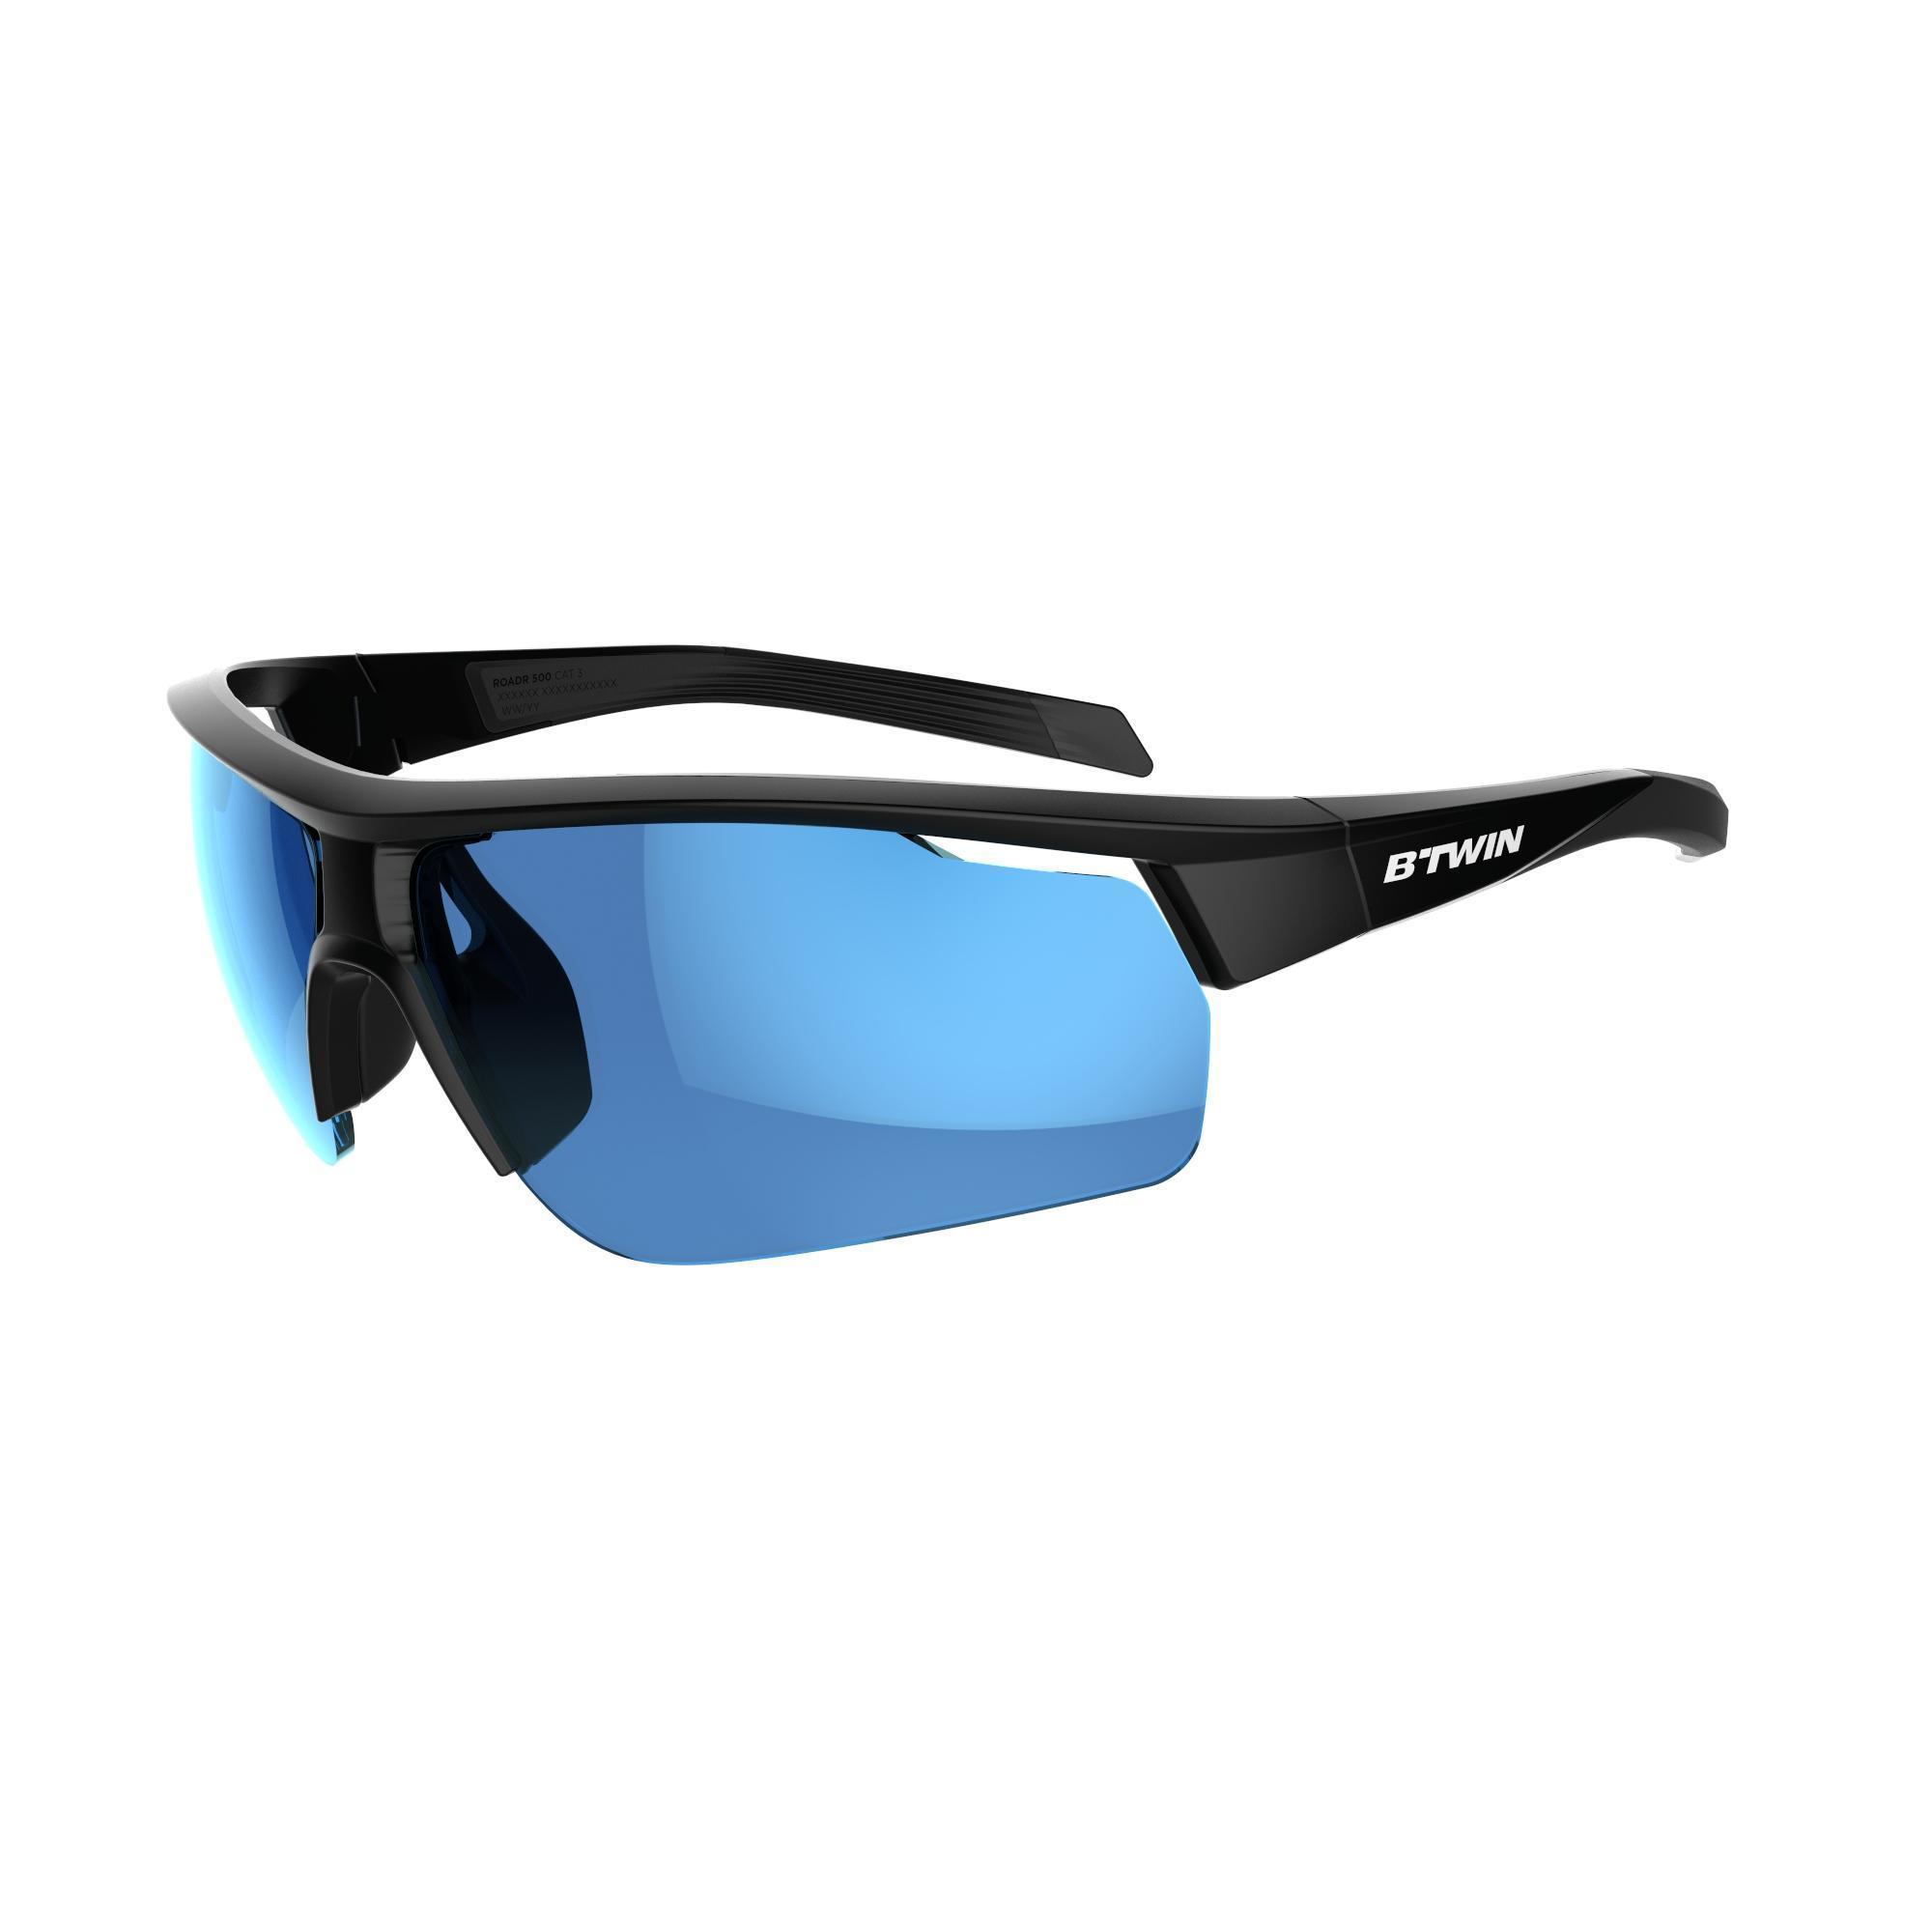 1c55c749d8 Gafas de Sol ciclismo adulto ROADR 500 categoría 3 negro Van rysel |  Decathlon